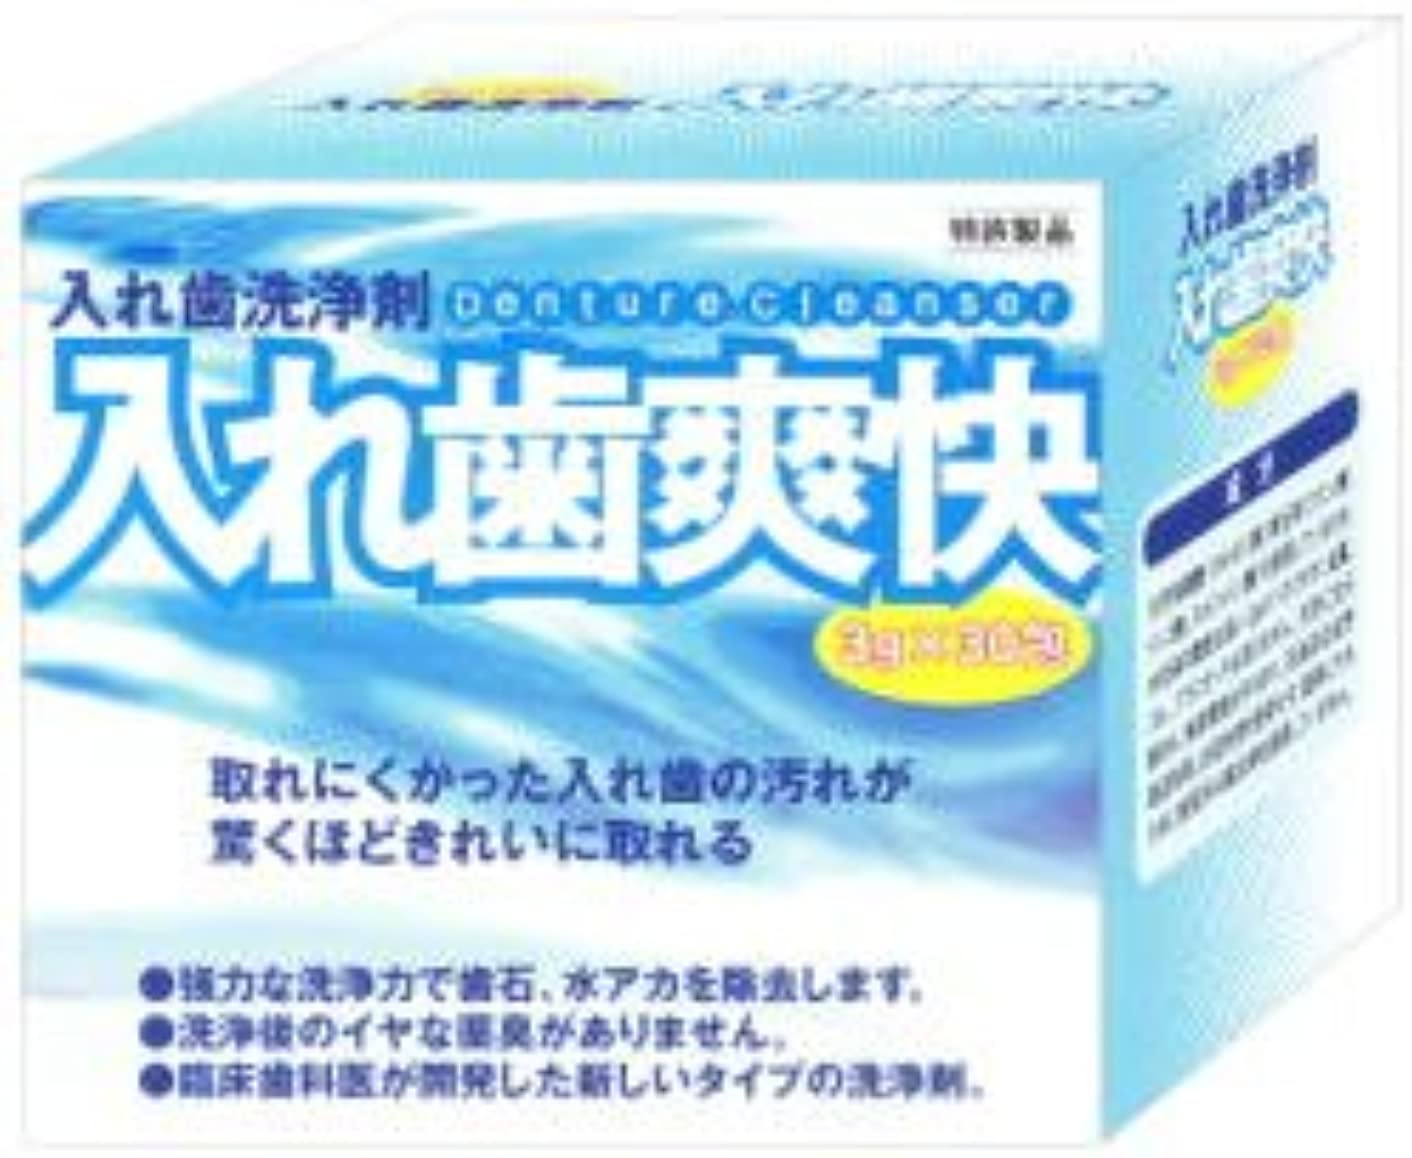 彼血レザー【和田精密歯研】【歯科用】入れ歯爽快 1箱 3g×30包【義歯洗浄剤】